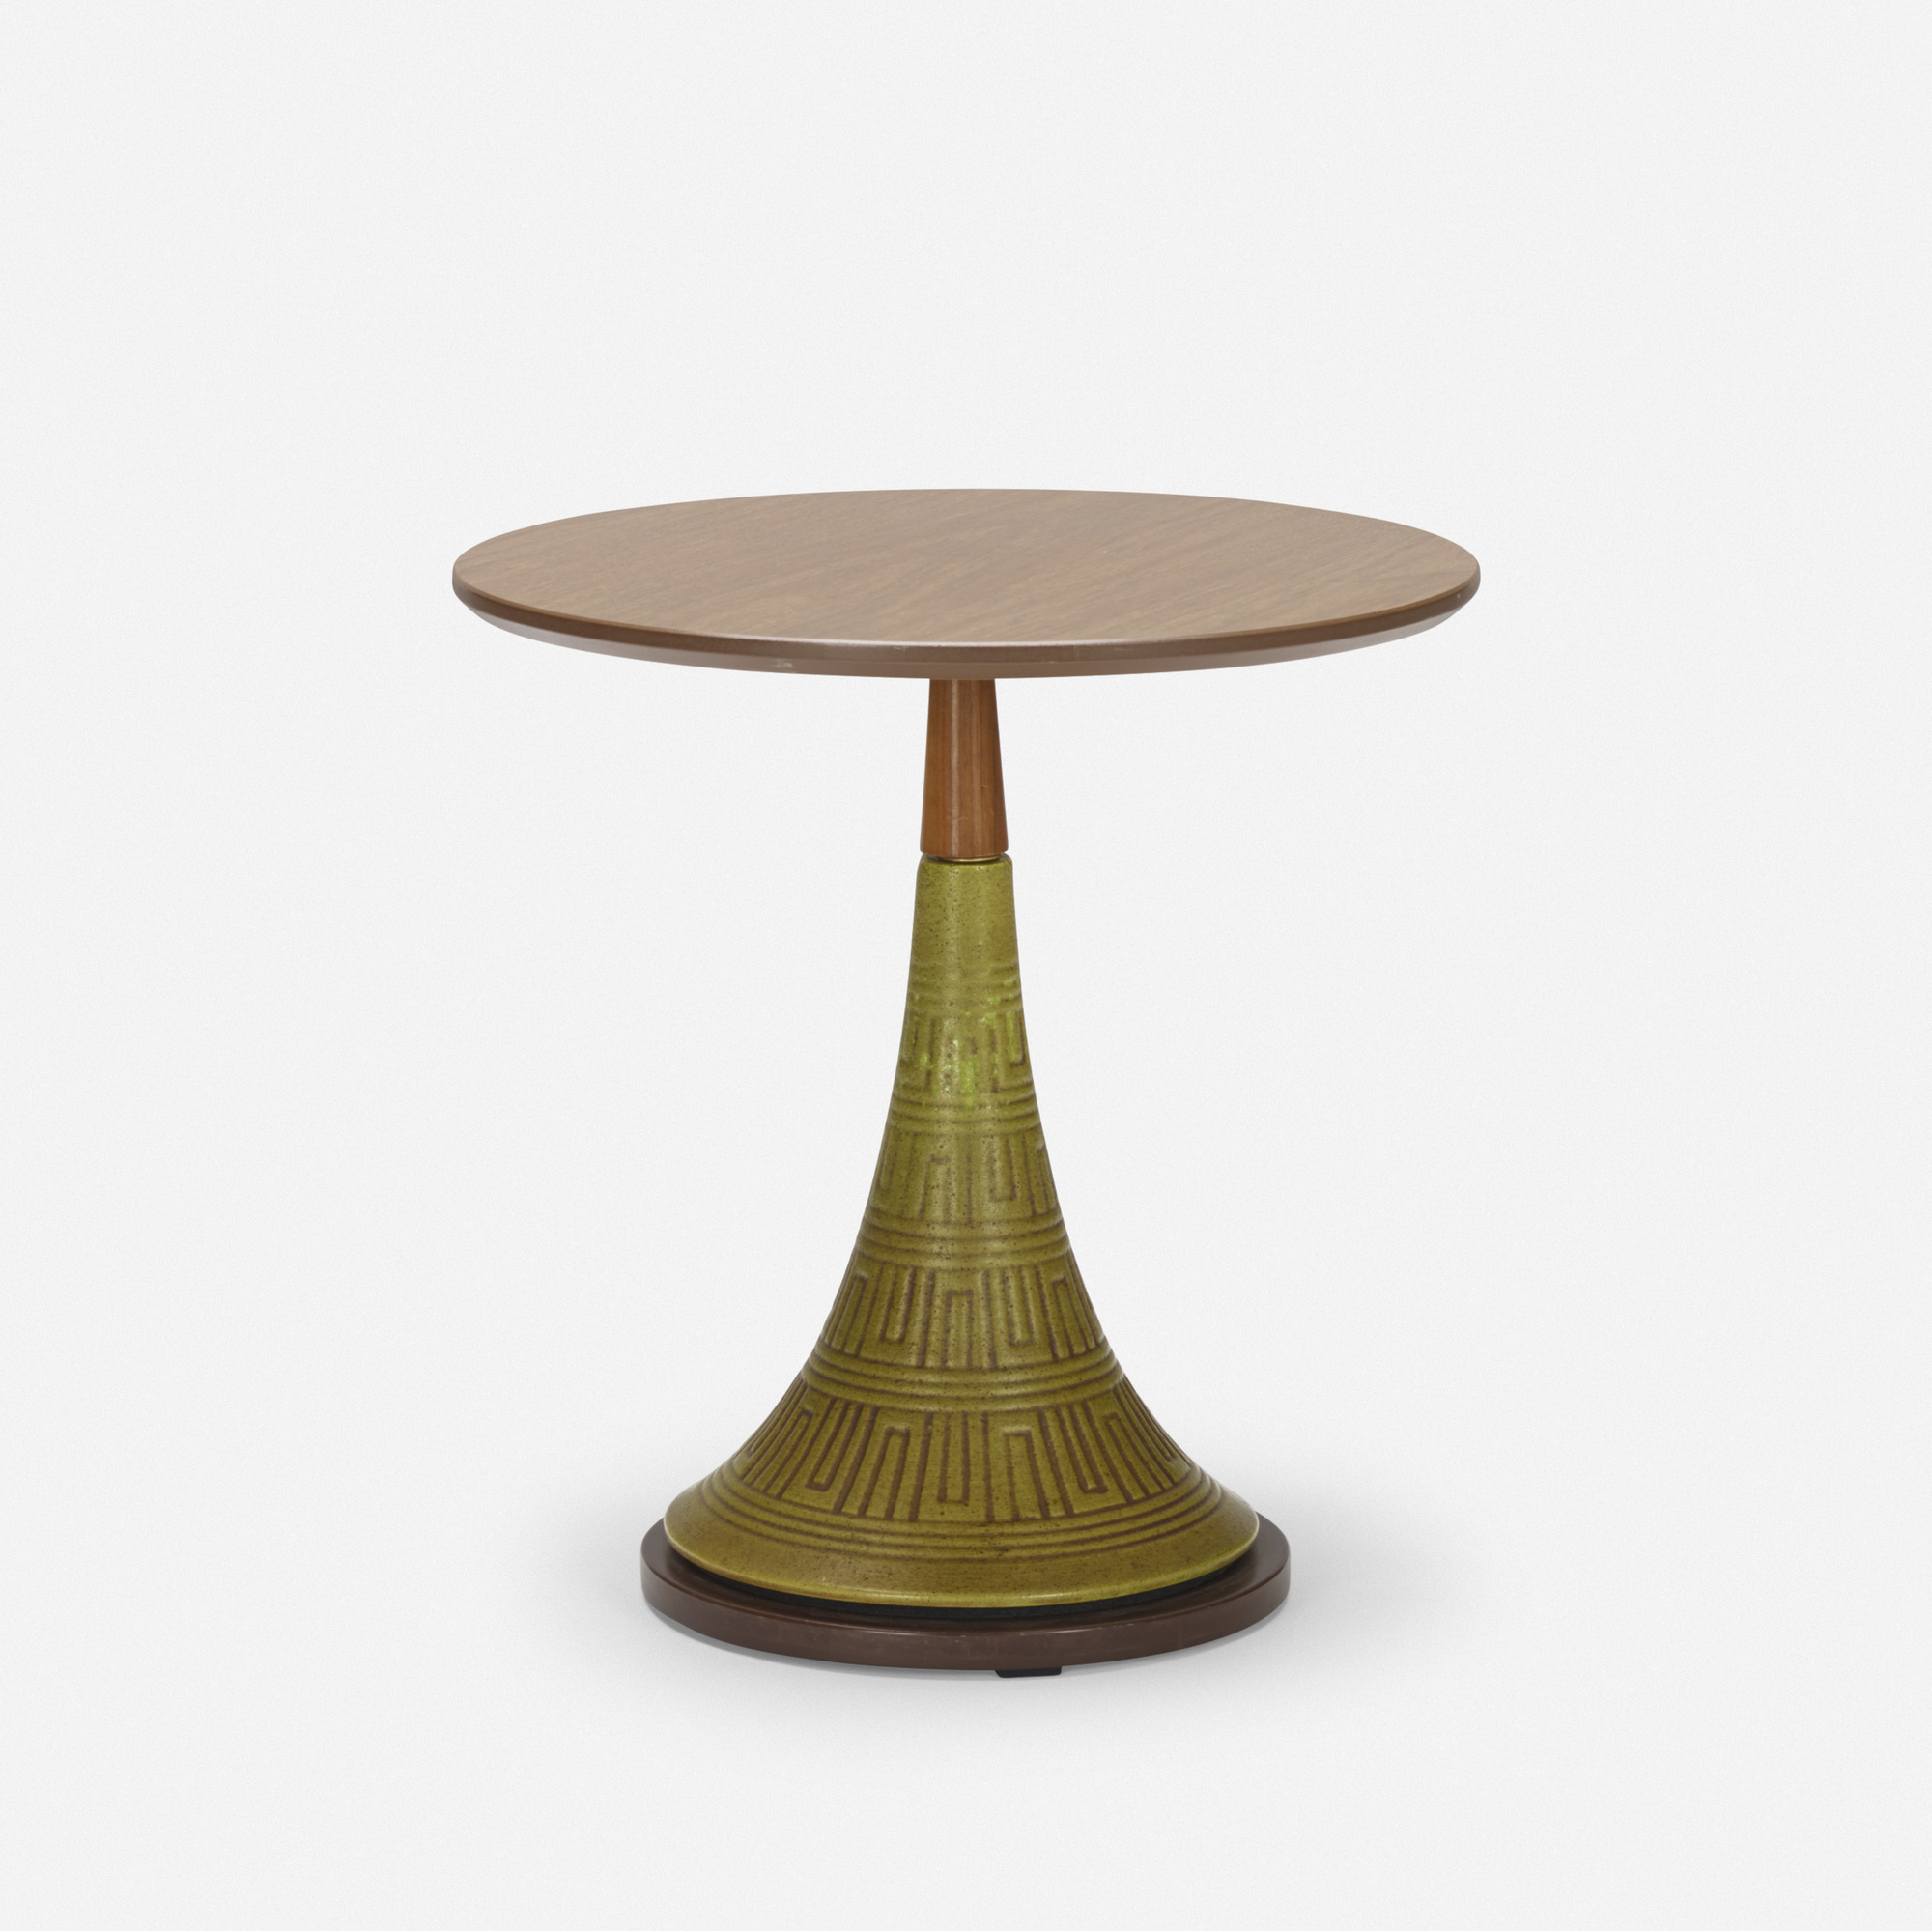 132: Phil-Mar / ceramic table (1 of 2)